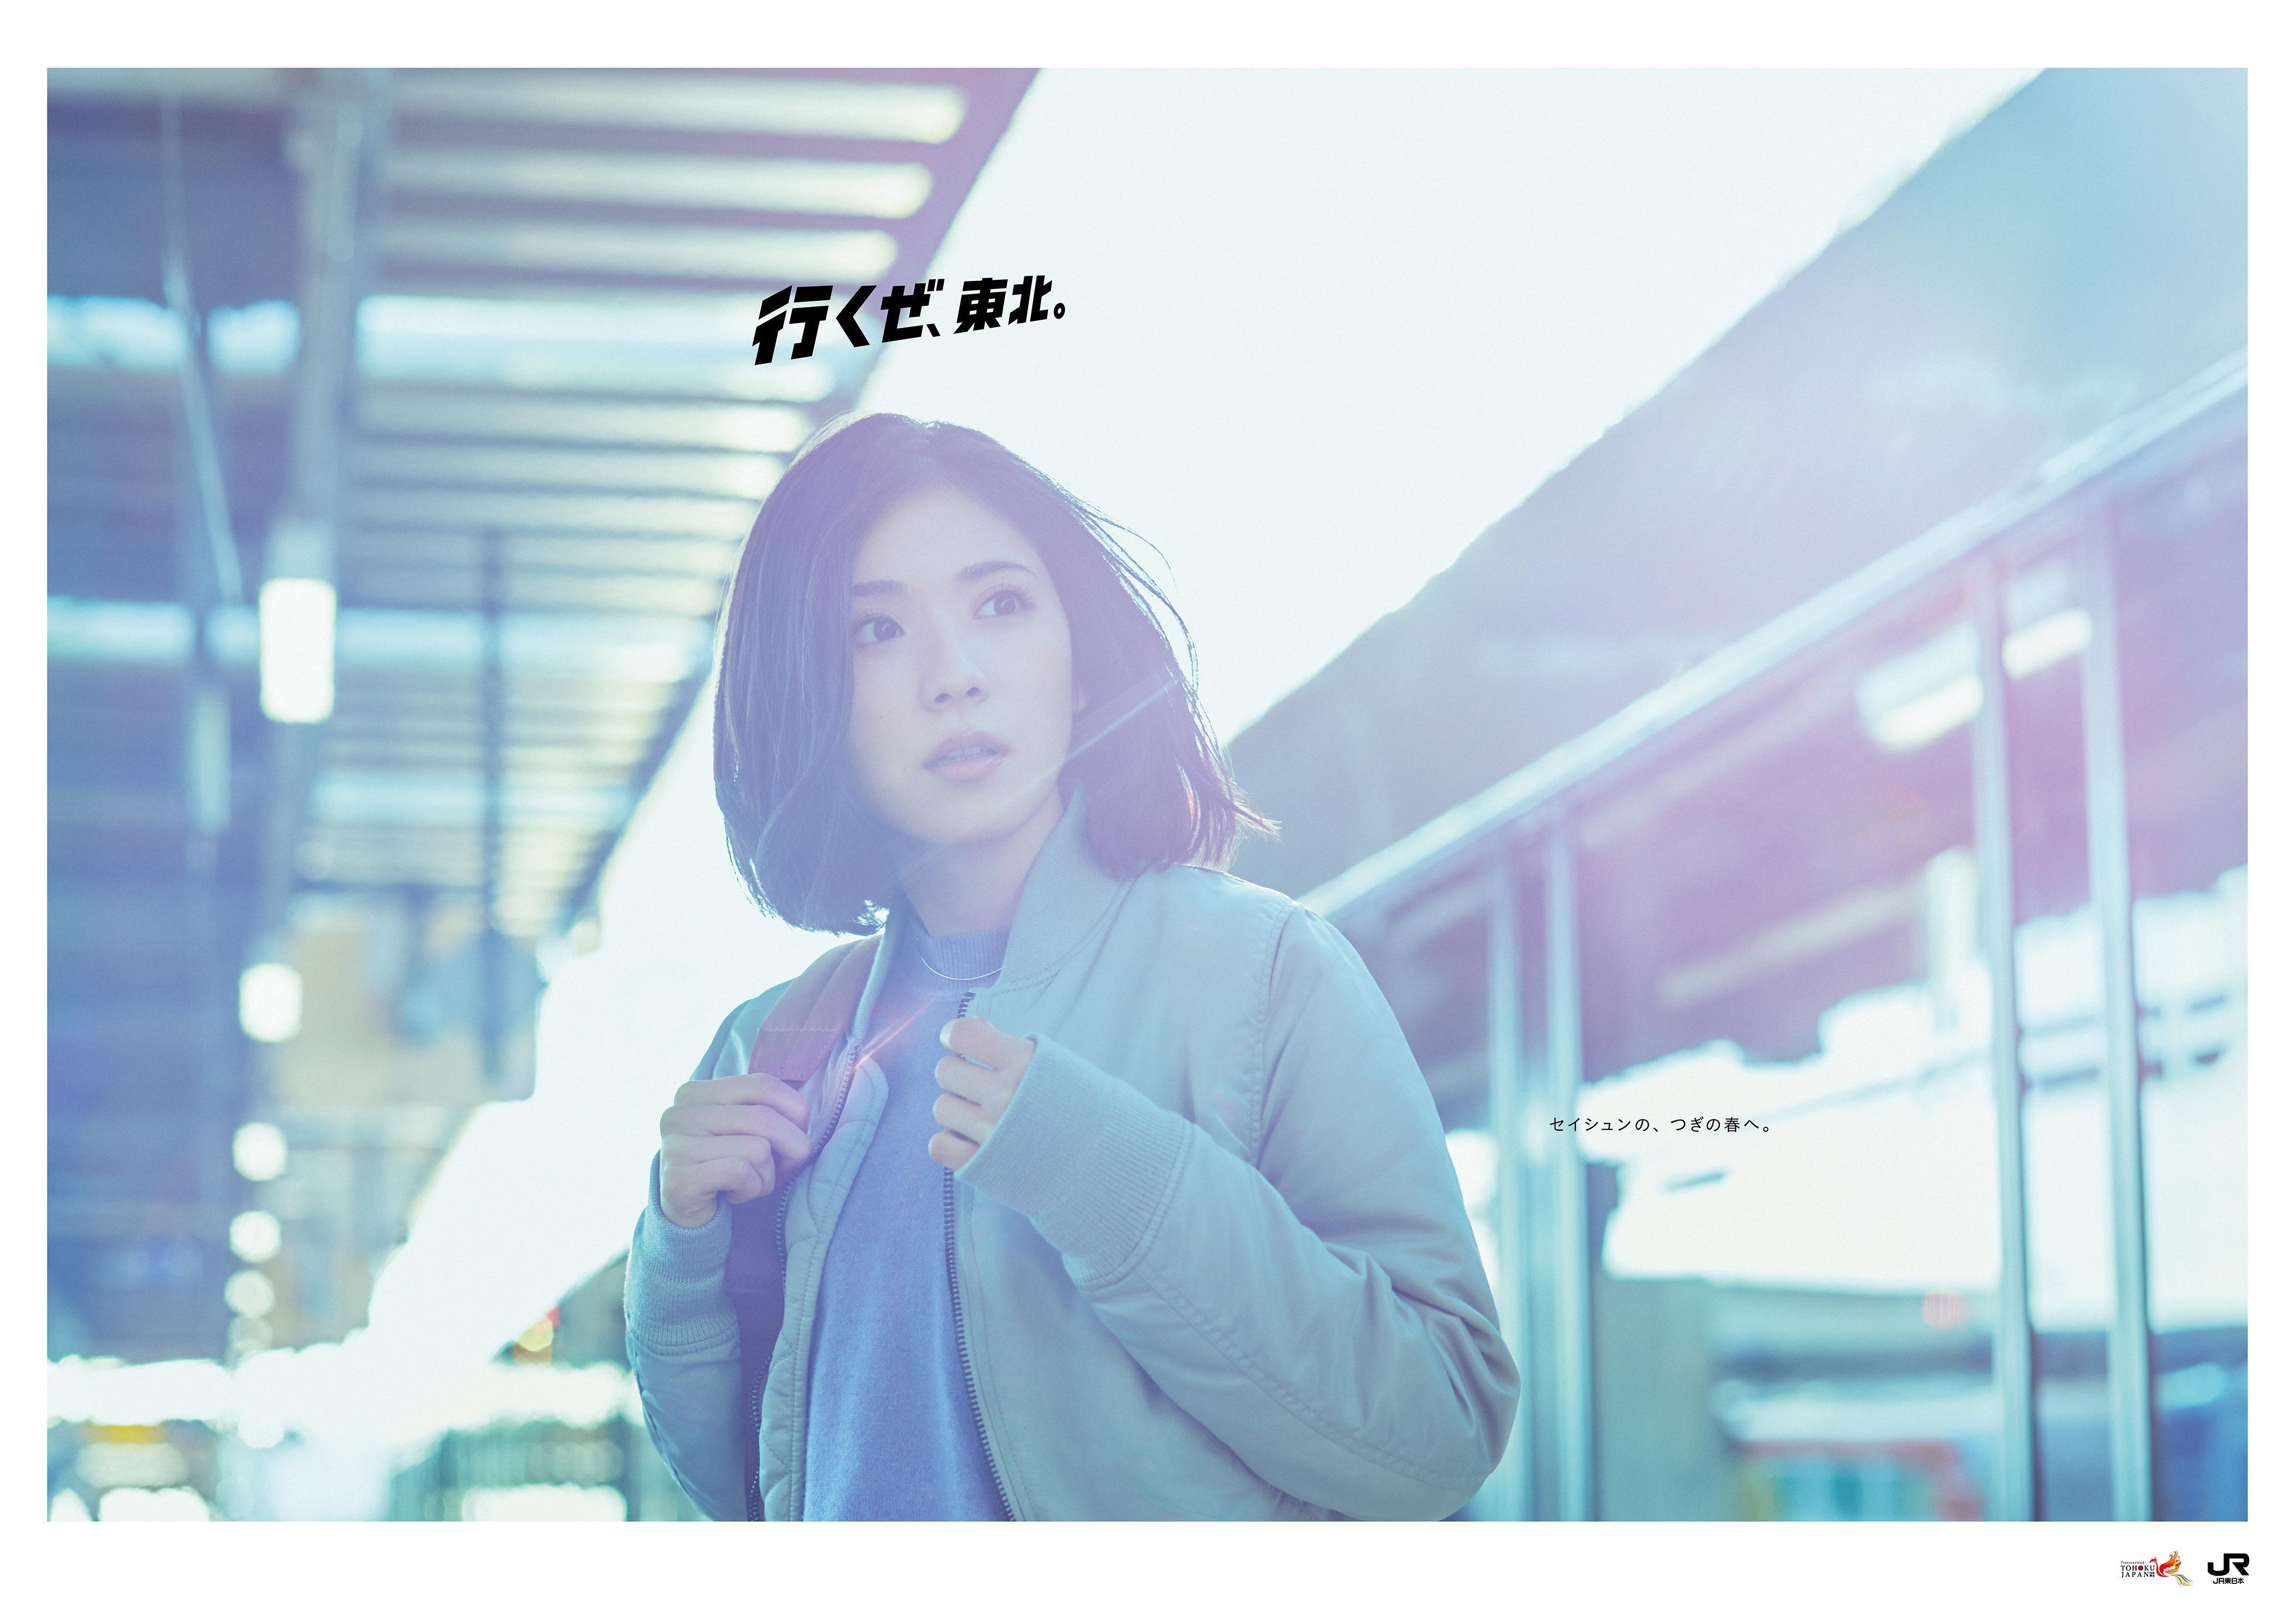 JR_ikuze_2016_spring_B0_talent_160309_fin_ol